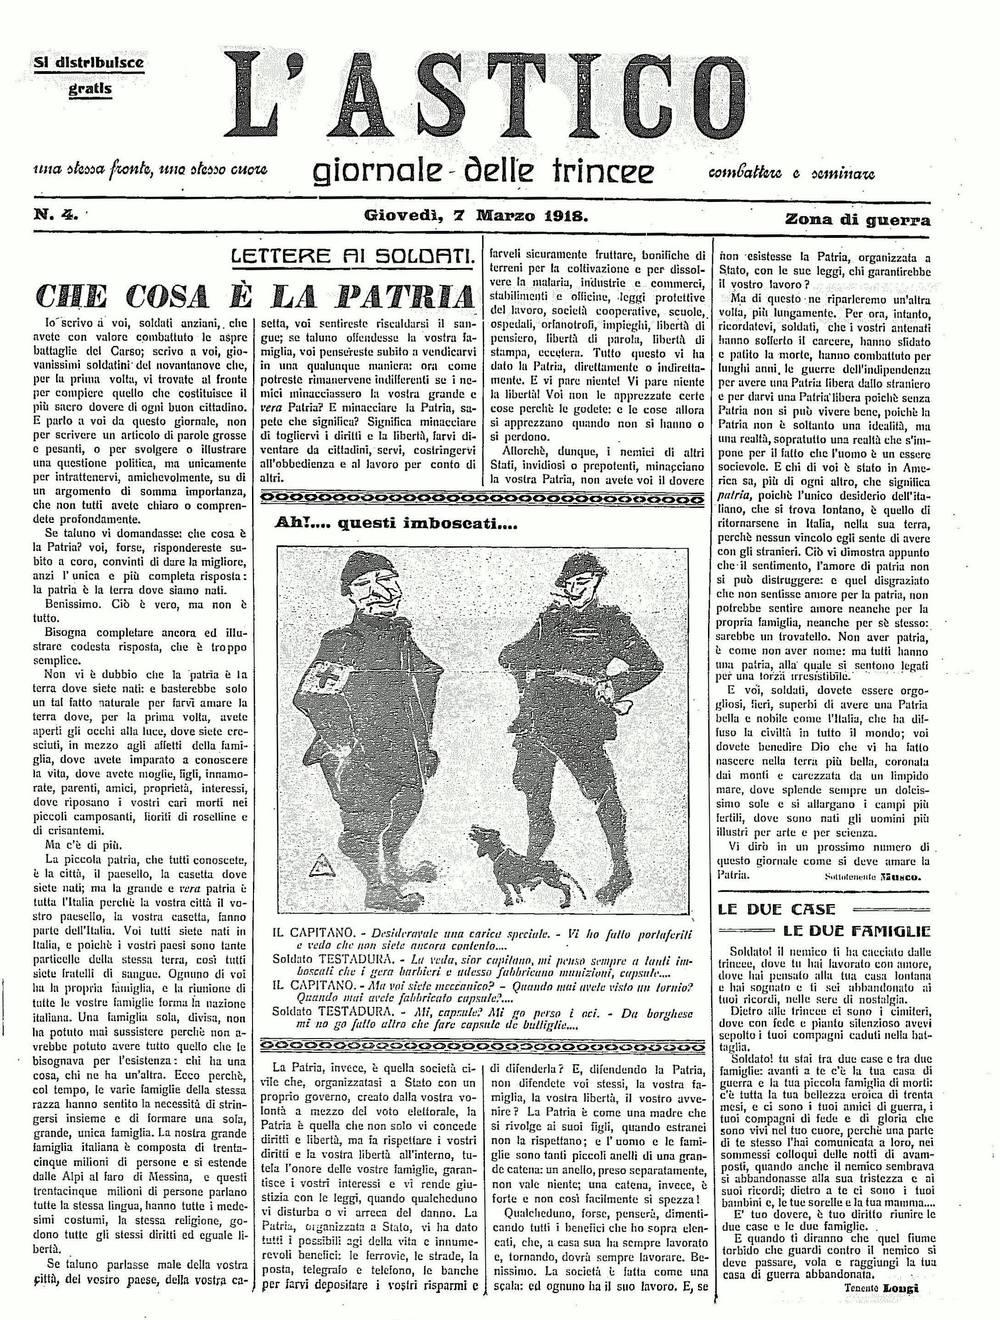 L'Astico - 7 marzo 1918 per Archivio Dal Molin.jpg